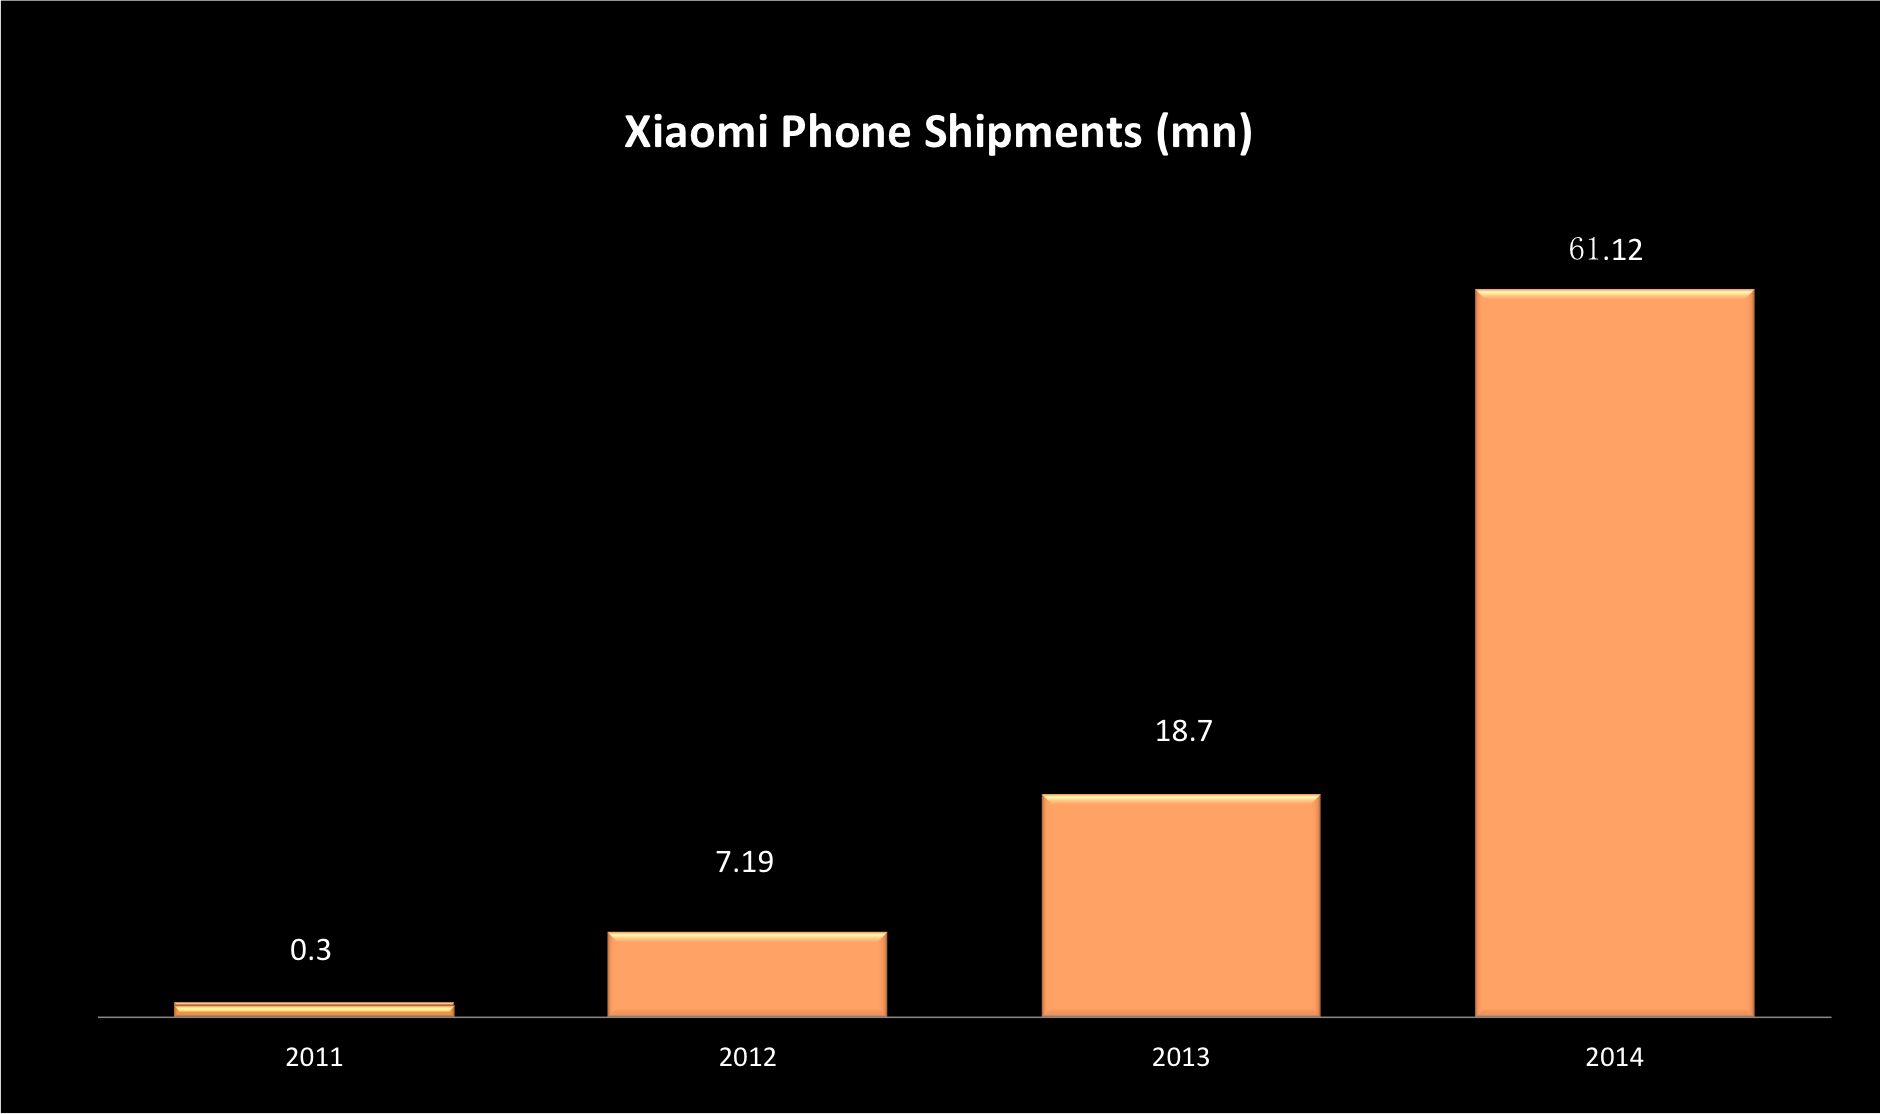 Source: Xiaomi